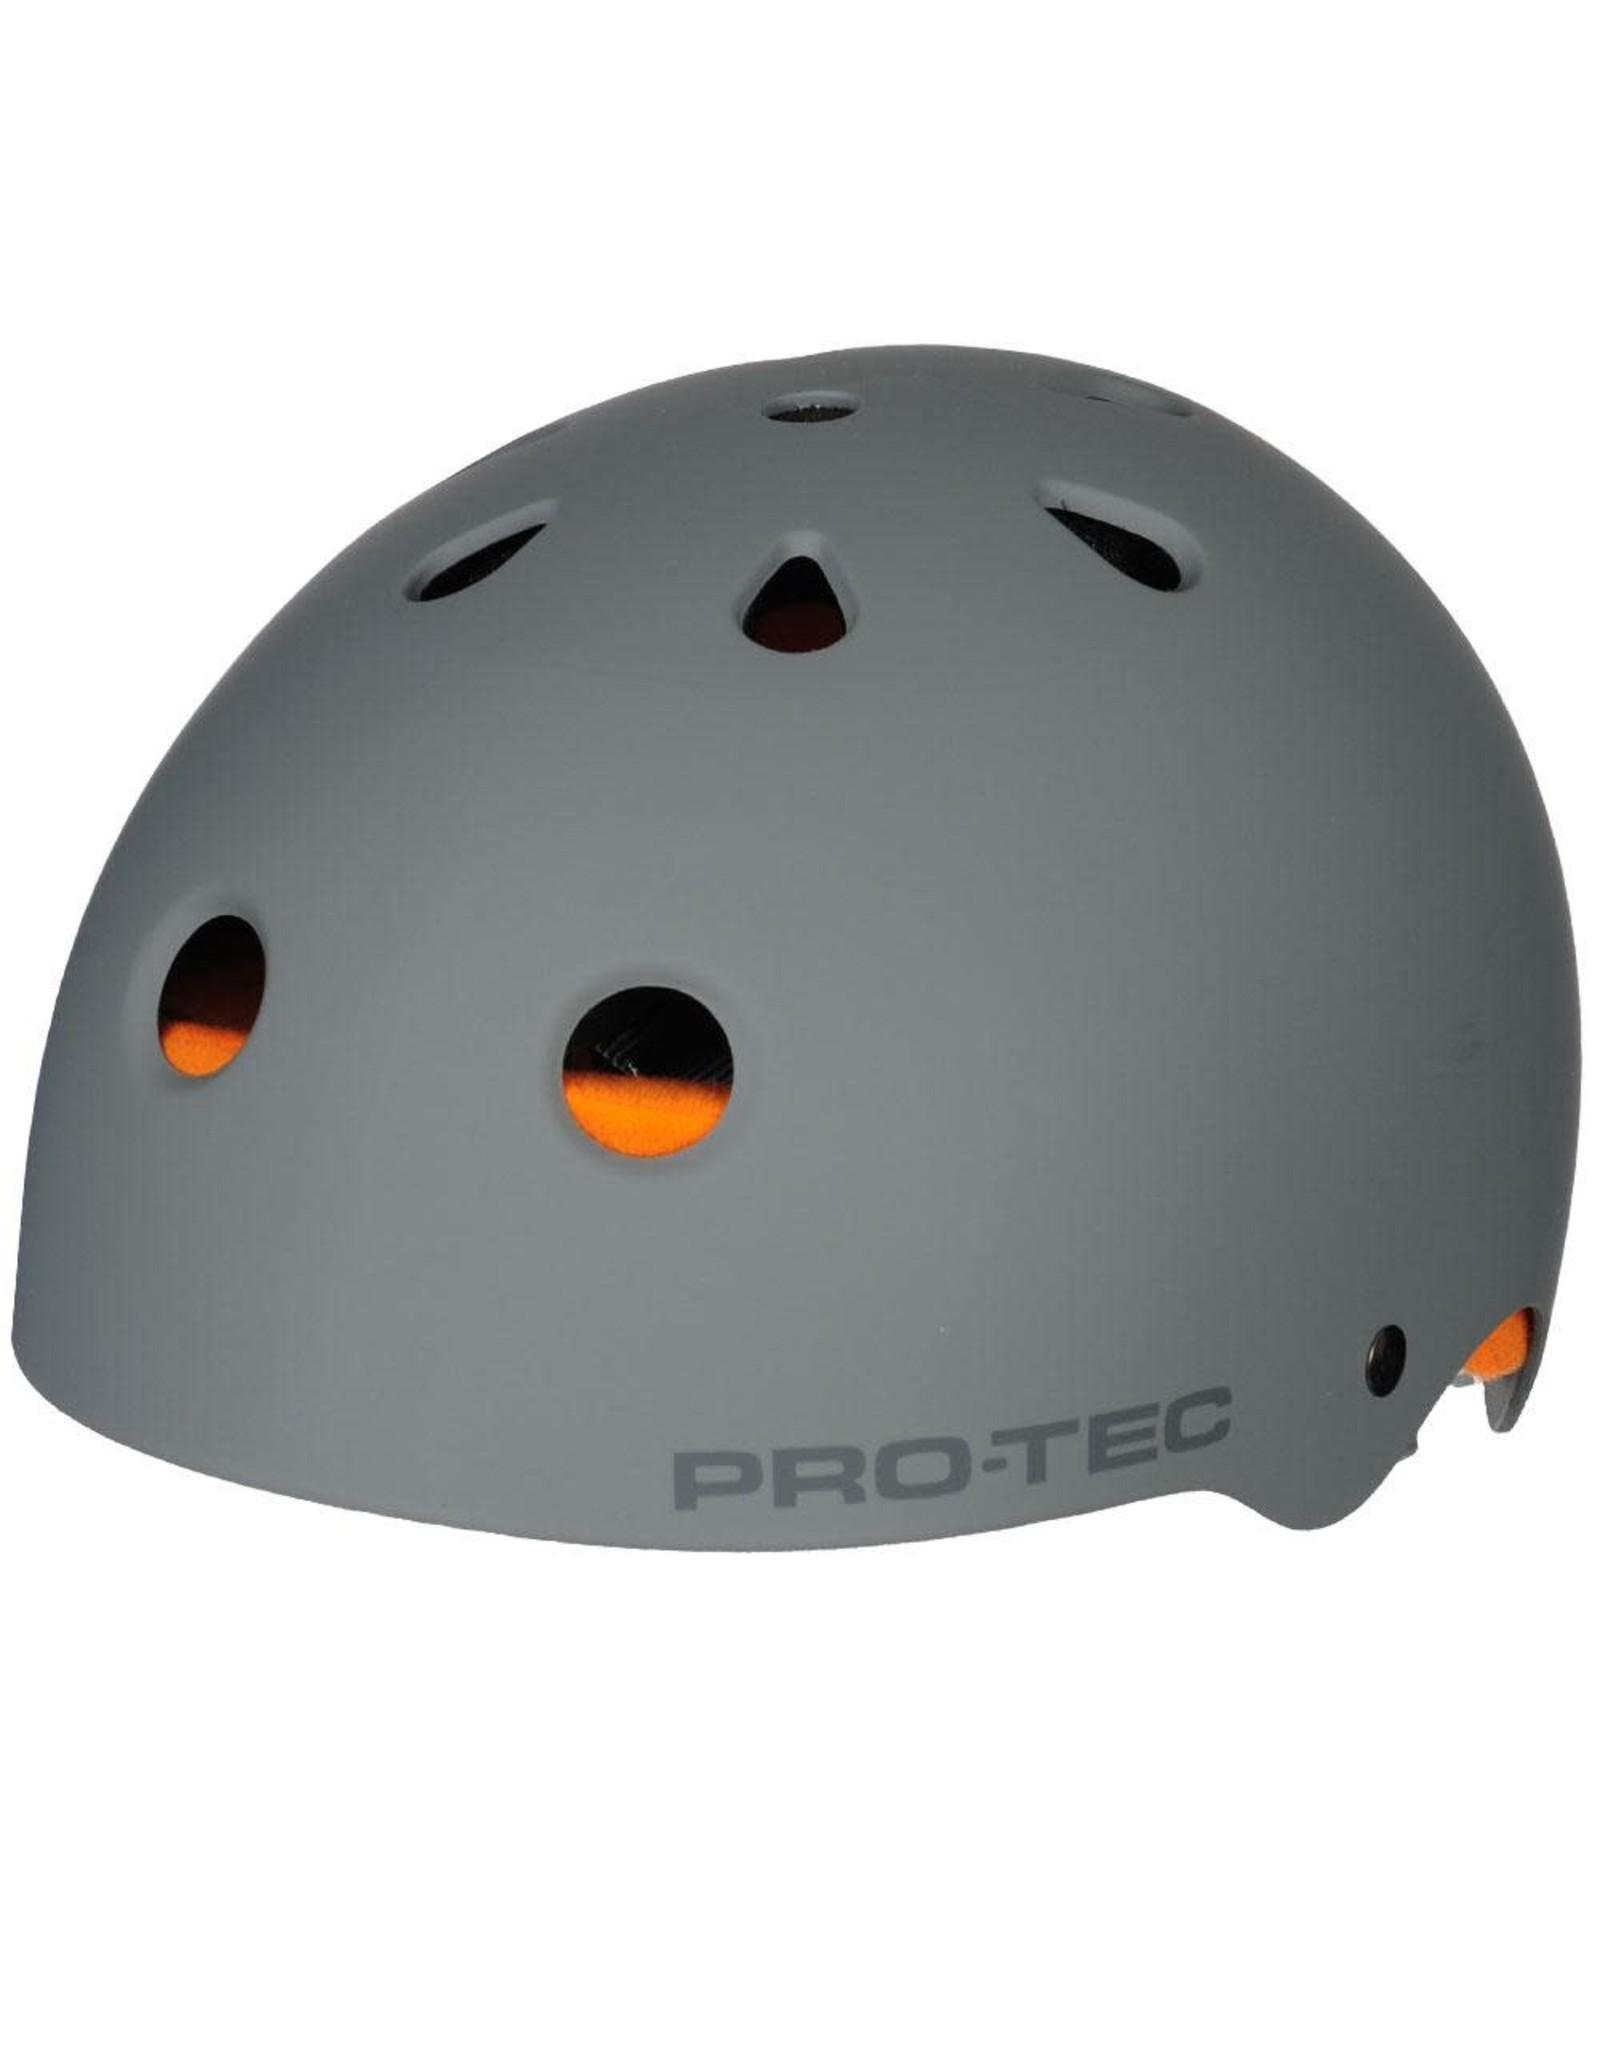 pro-tec Pro-tec - casque skateboard the classic